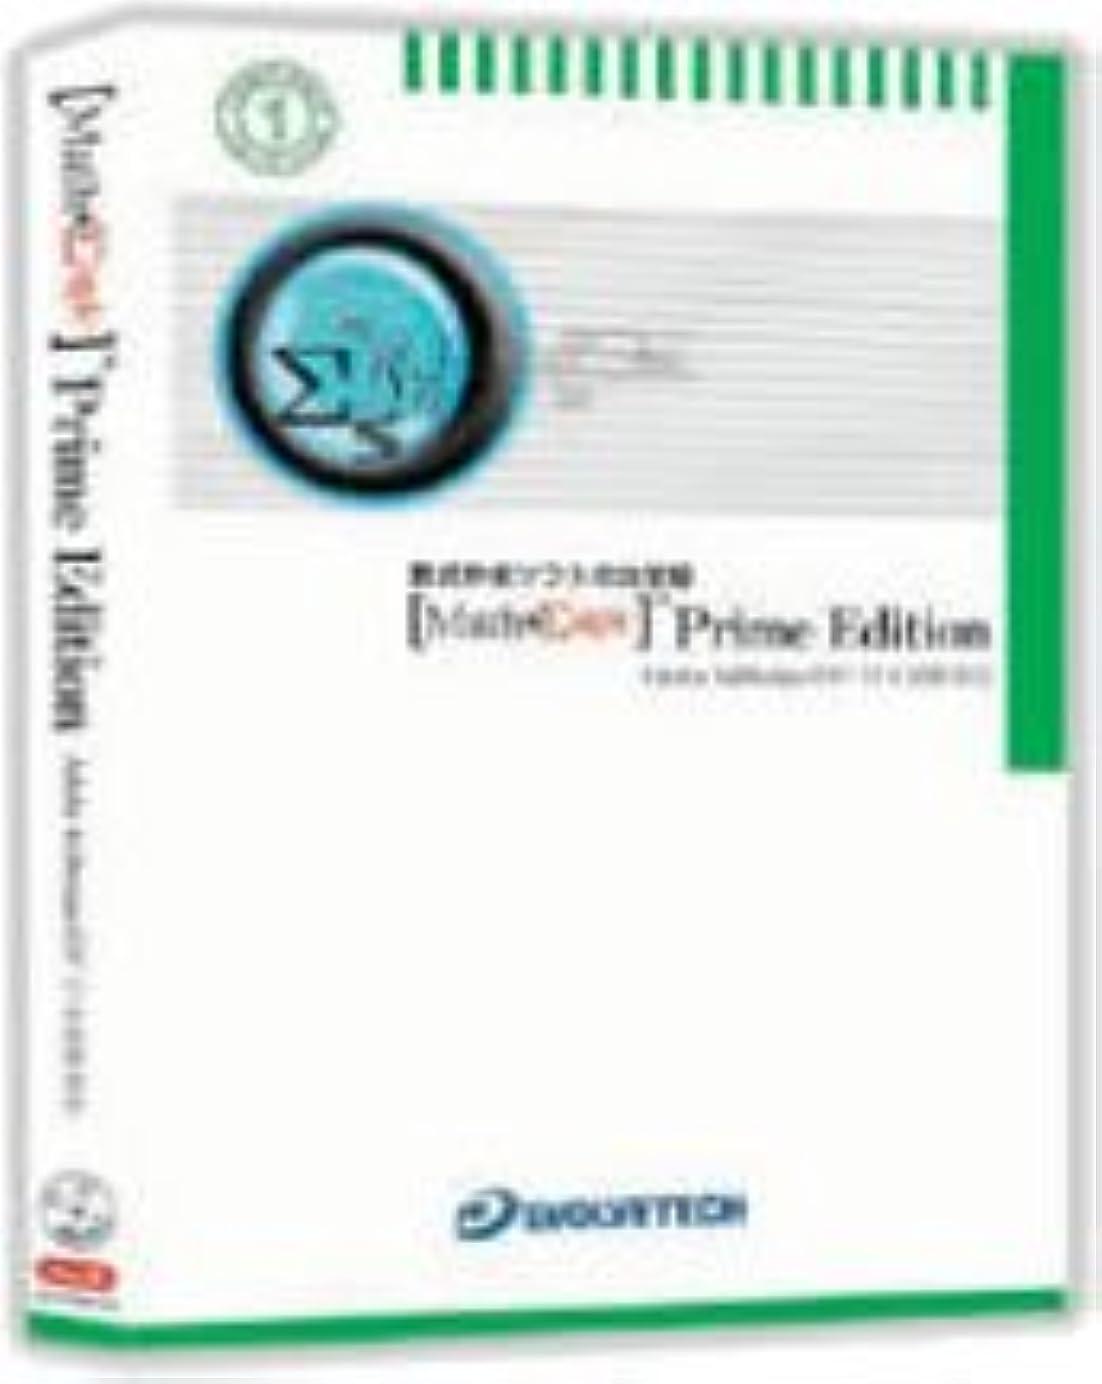 固体泣き叫ぶ弁護士MathMagic Prime Edition 1ユーザーパック